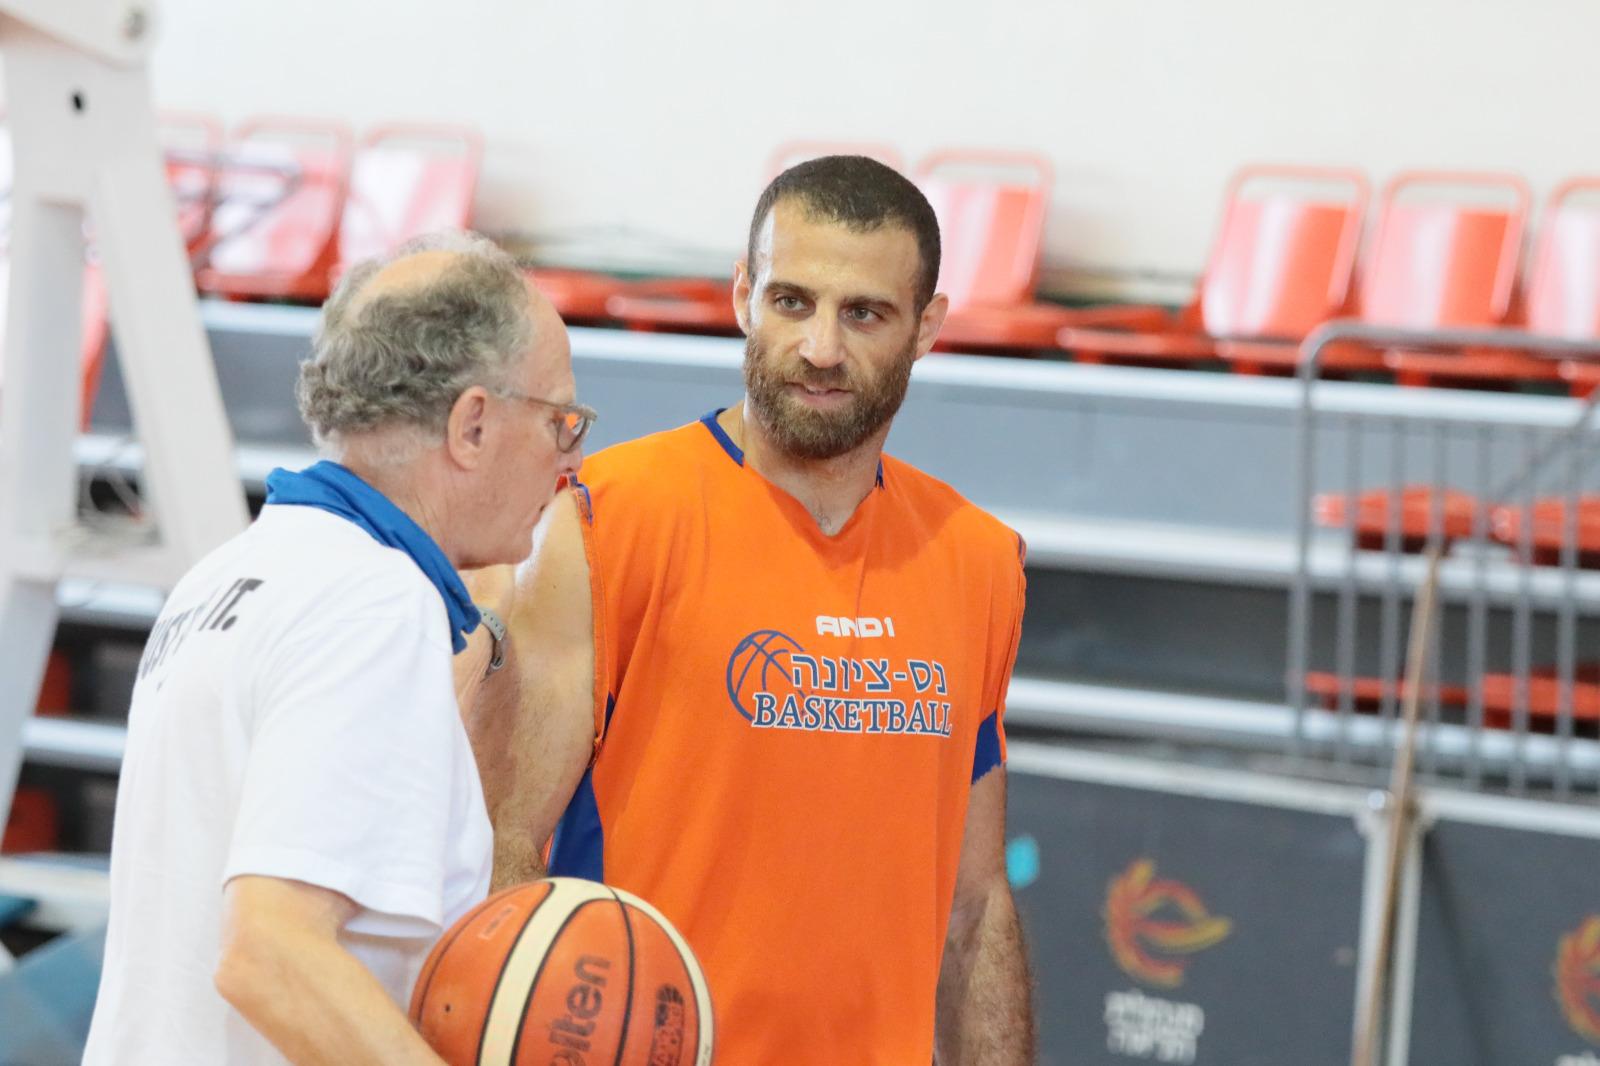 """בראד גרינברג: """"מקווים להמשיך את המומנטום החיובי ממשחק האימון נגד מכבי חיפה"""""""